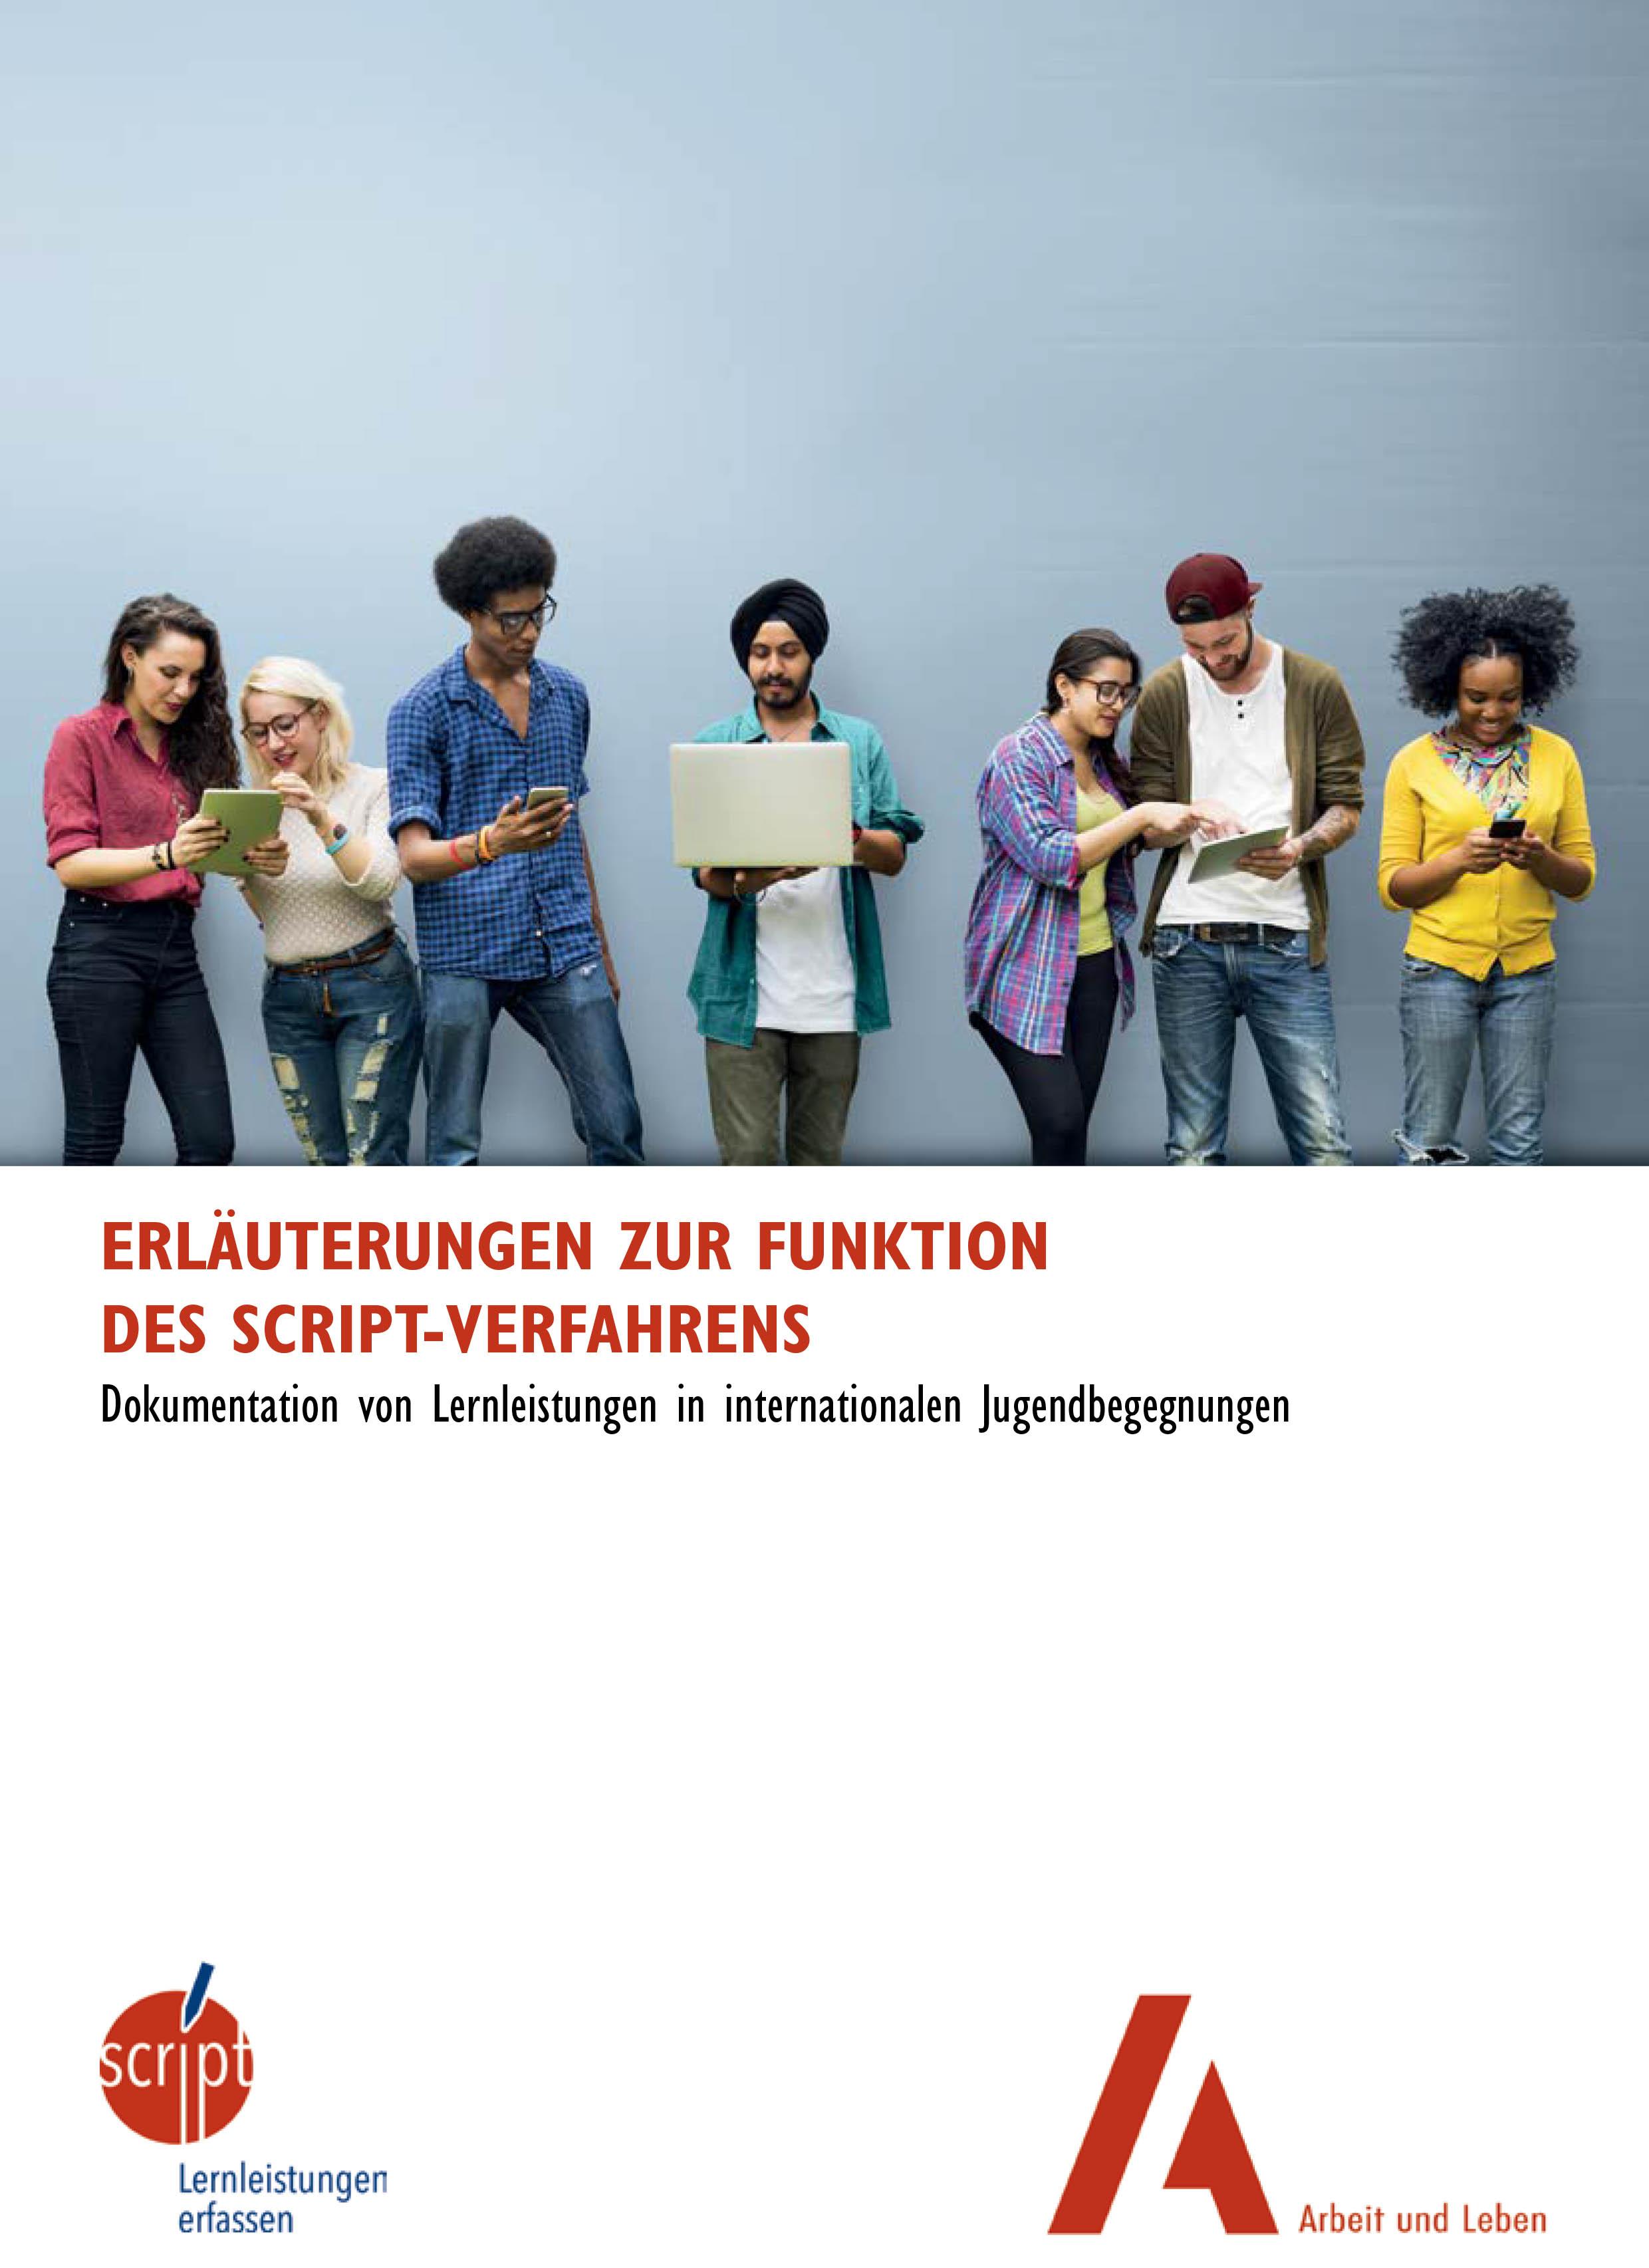 Erläuterungen zur Funktion des Script-Verfahrens